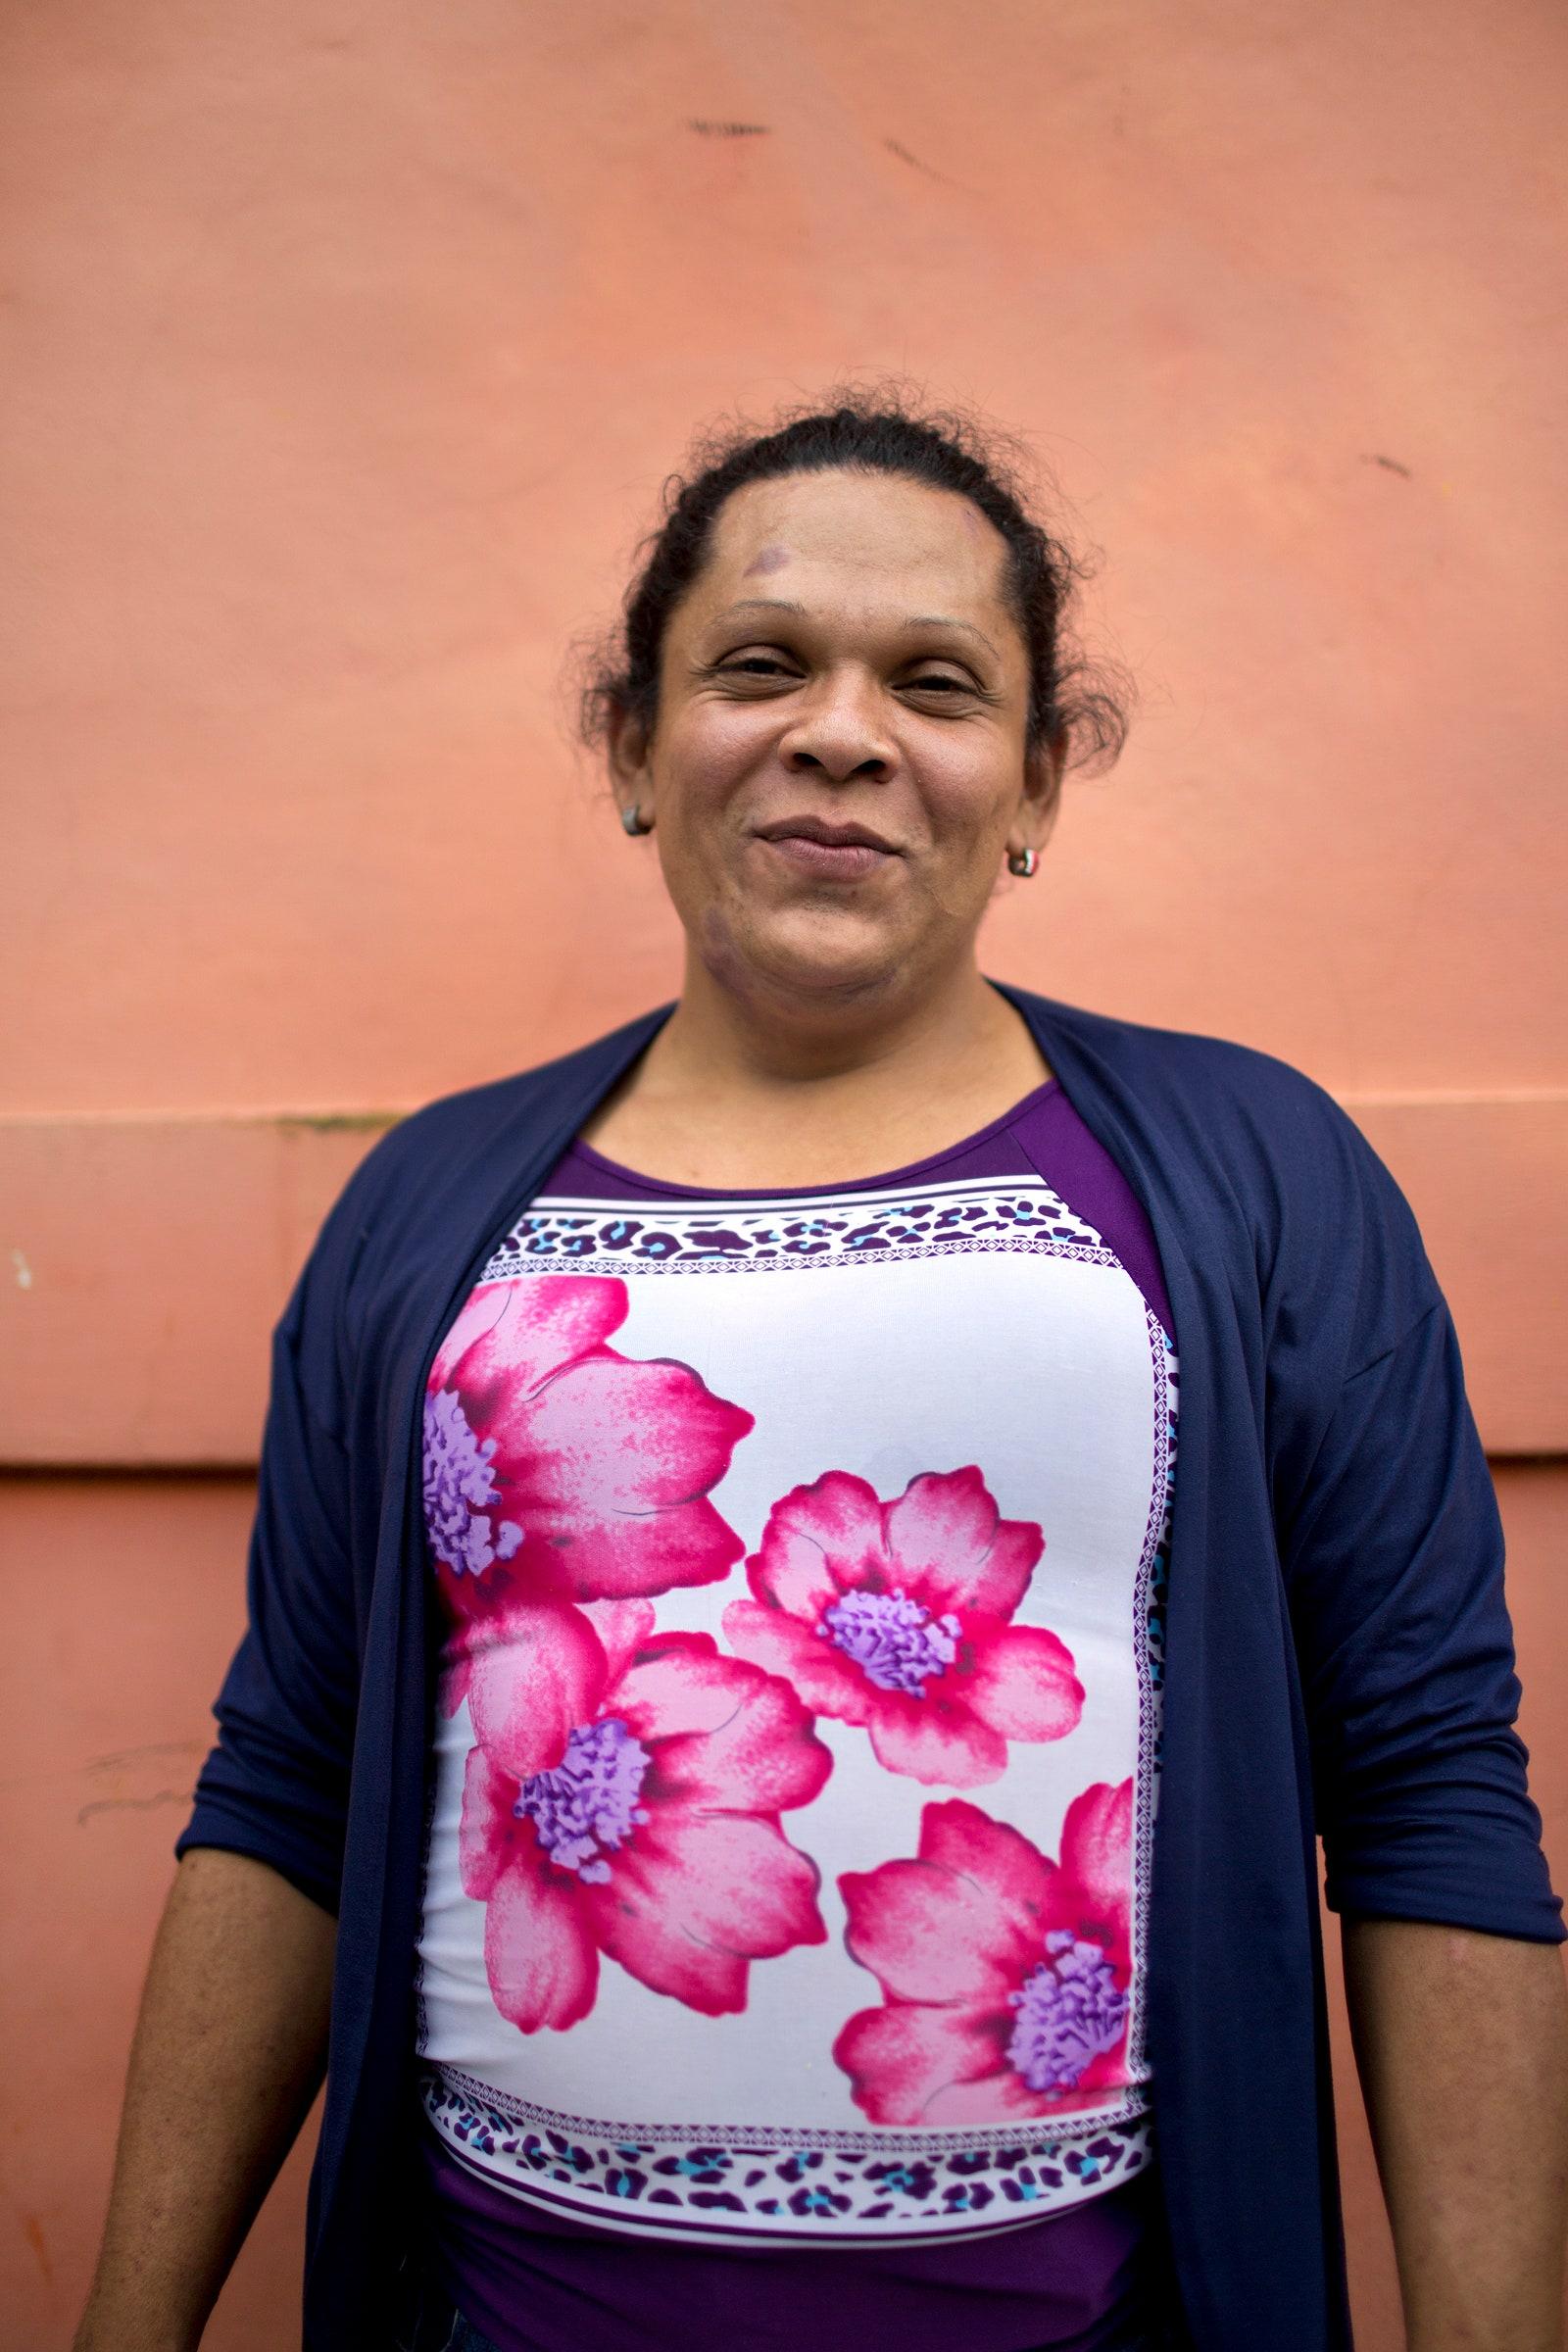 The Mother of El Salvador's Trans-Rights Movement